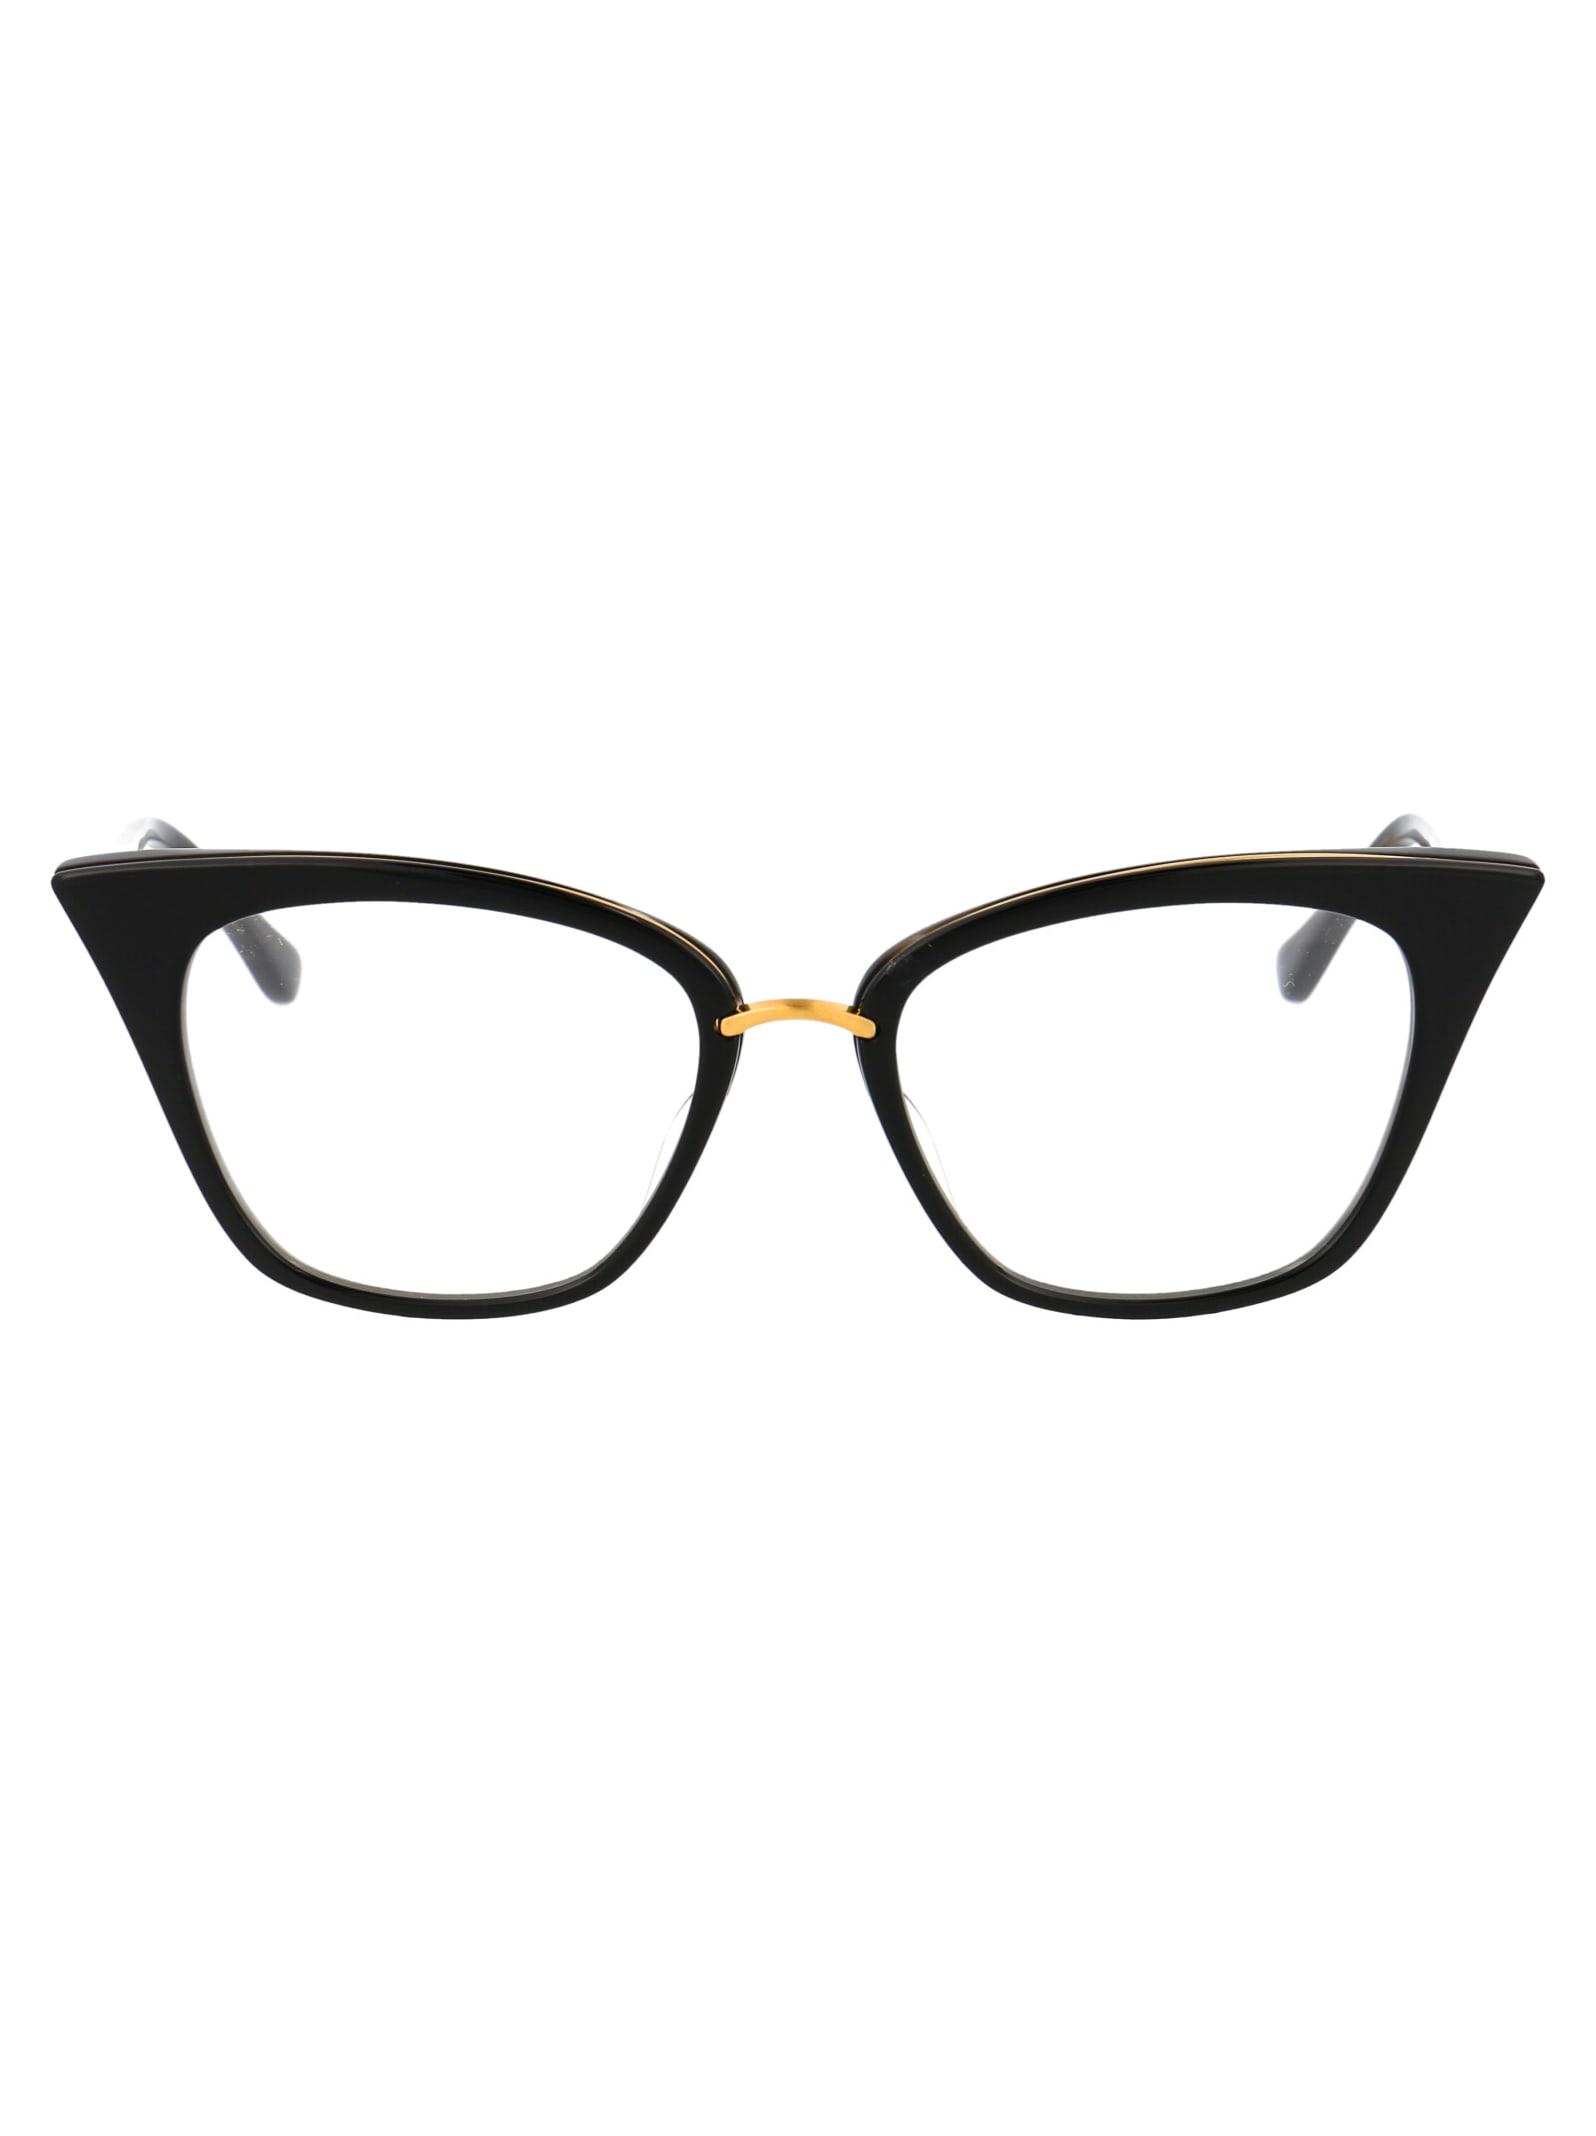 Rebella Glasses